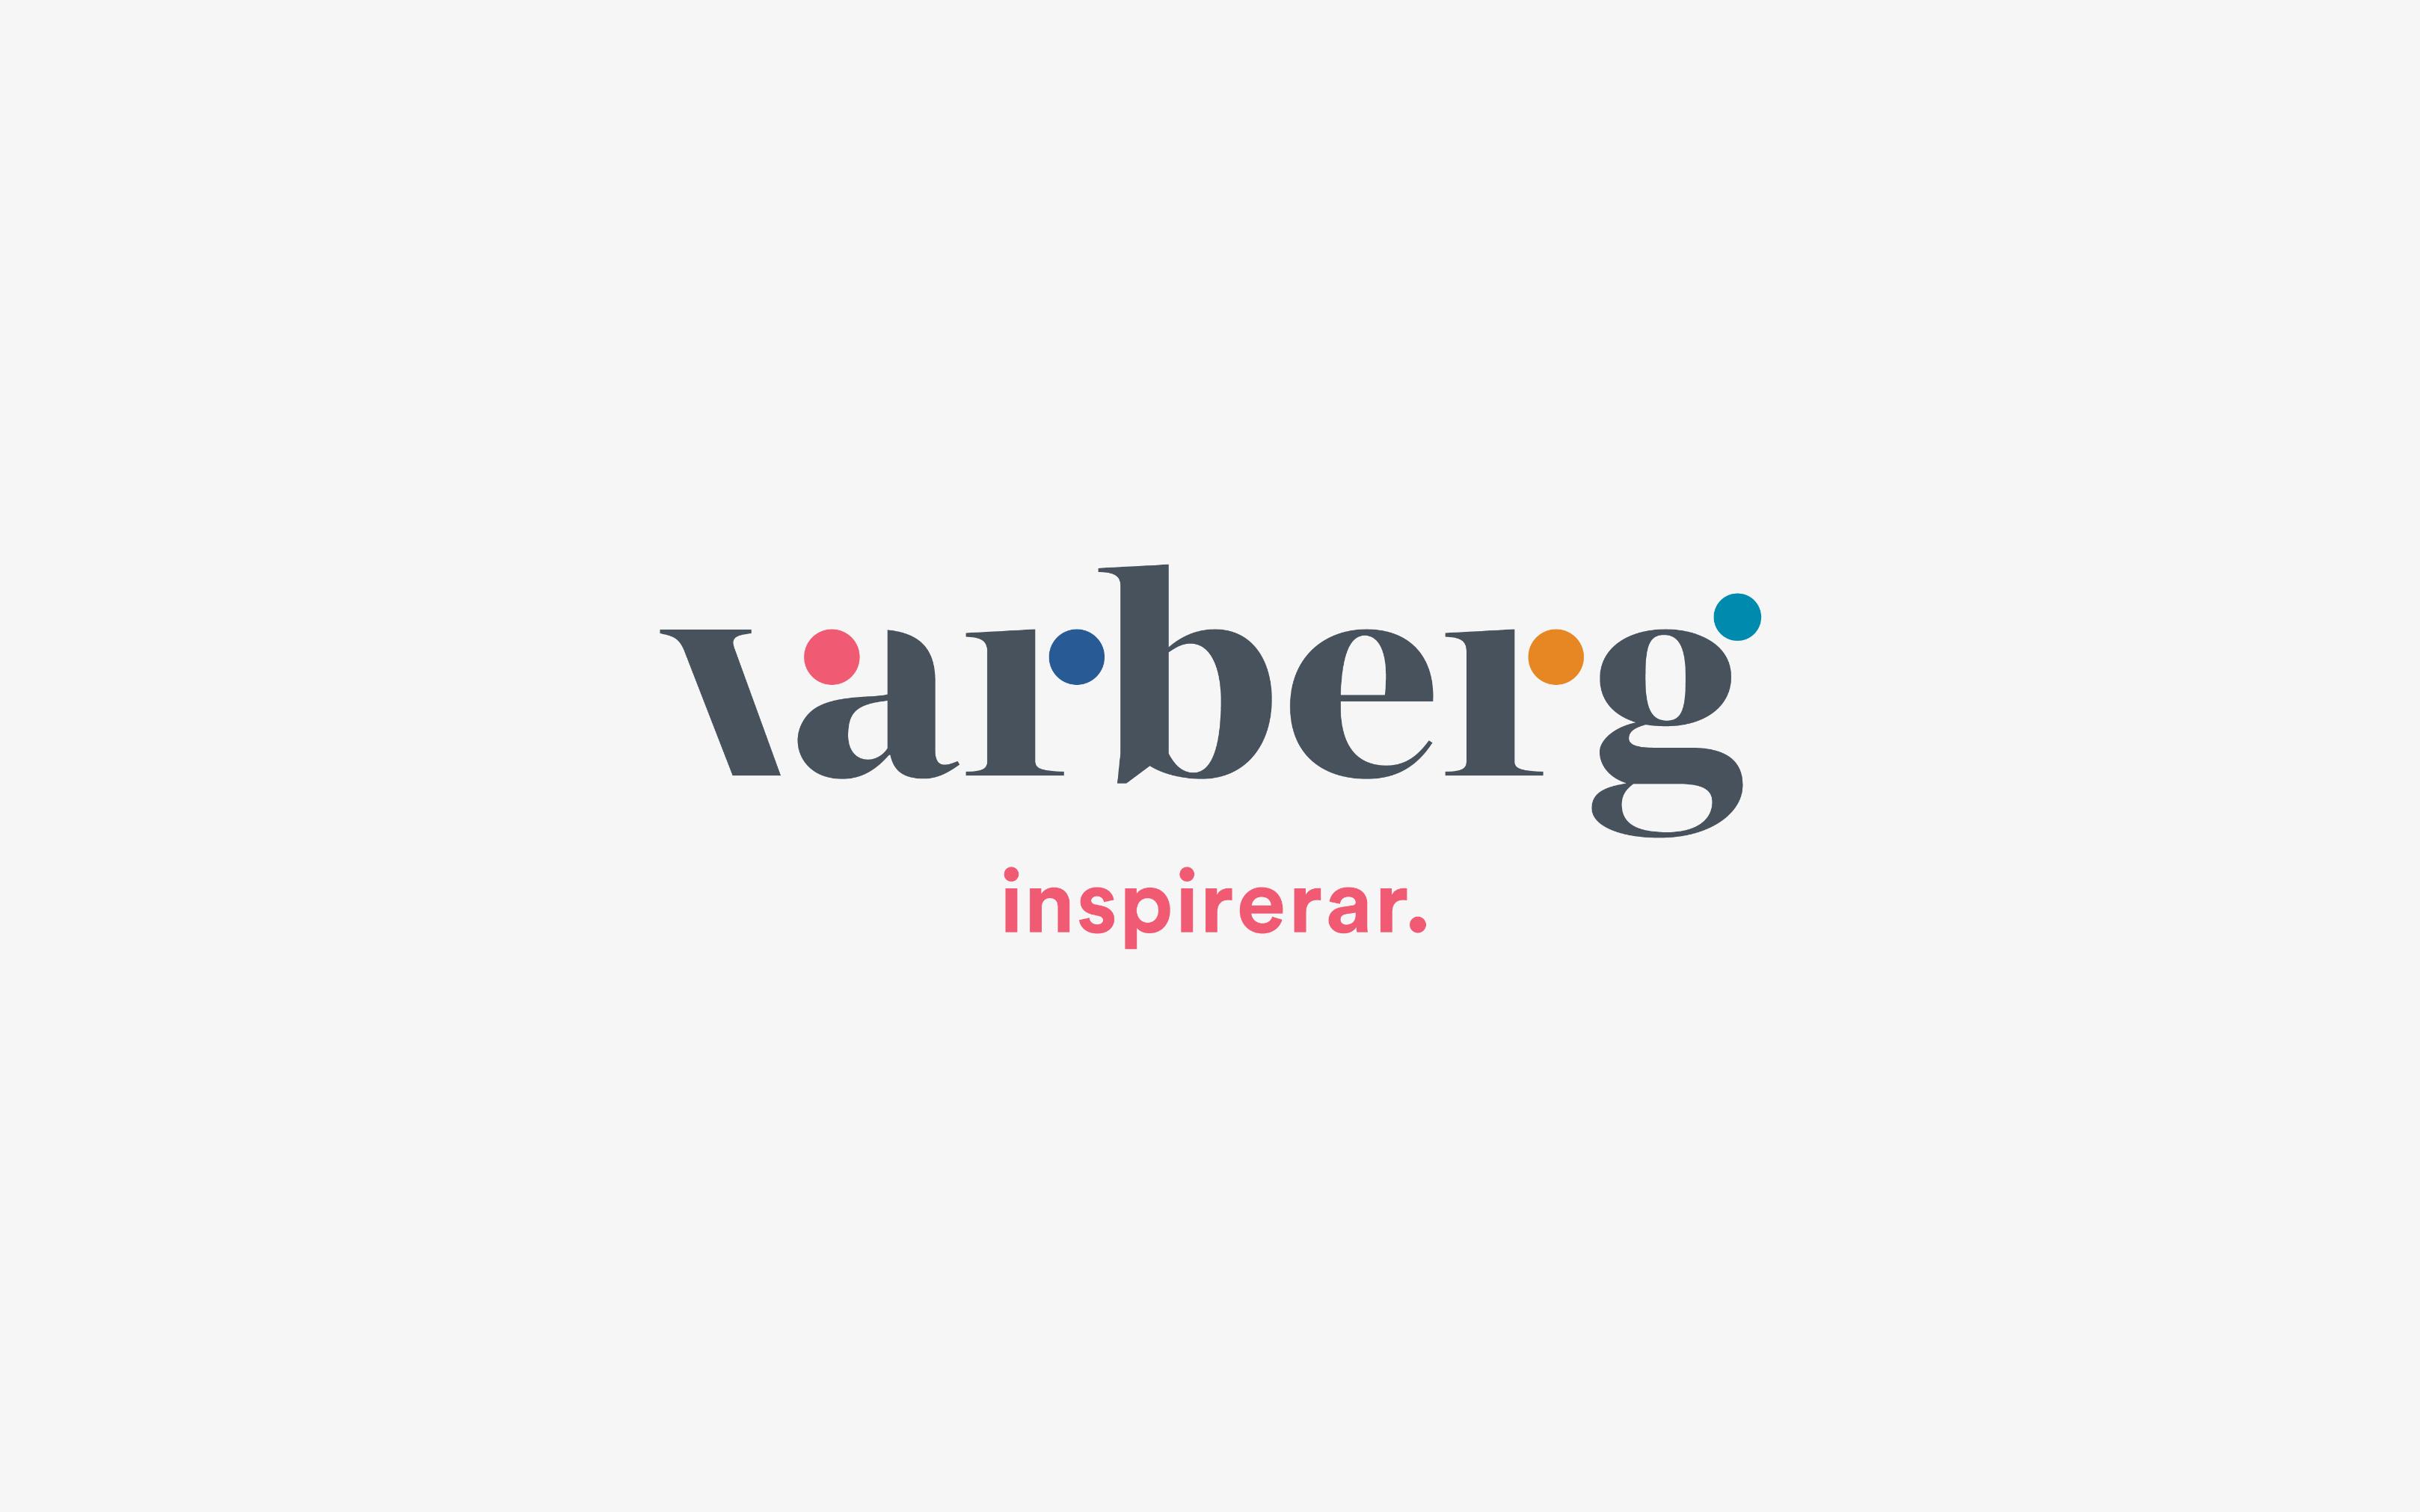 Varberg inspirerar